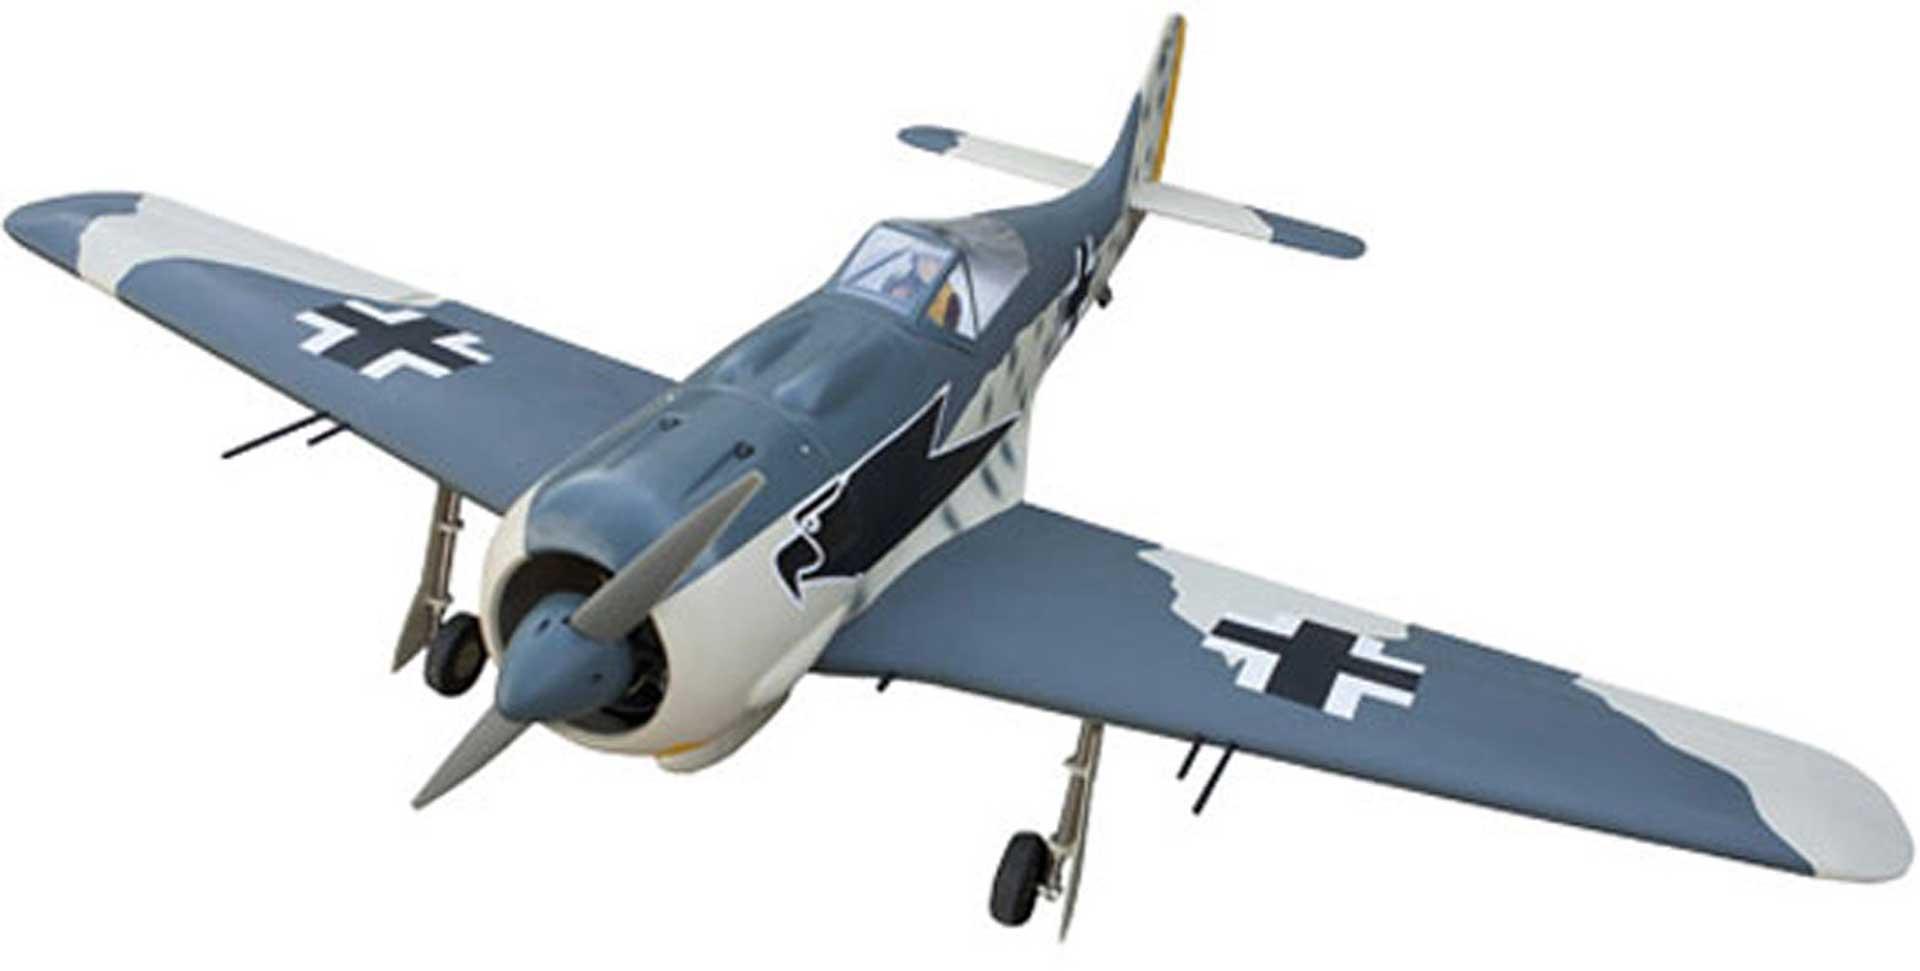 Seagull Models ( SG-Models ) FOCKE WULF FW-190 ARF WARBIRD IN HOLZBAUWEISE